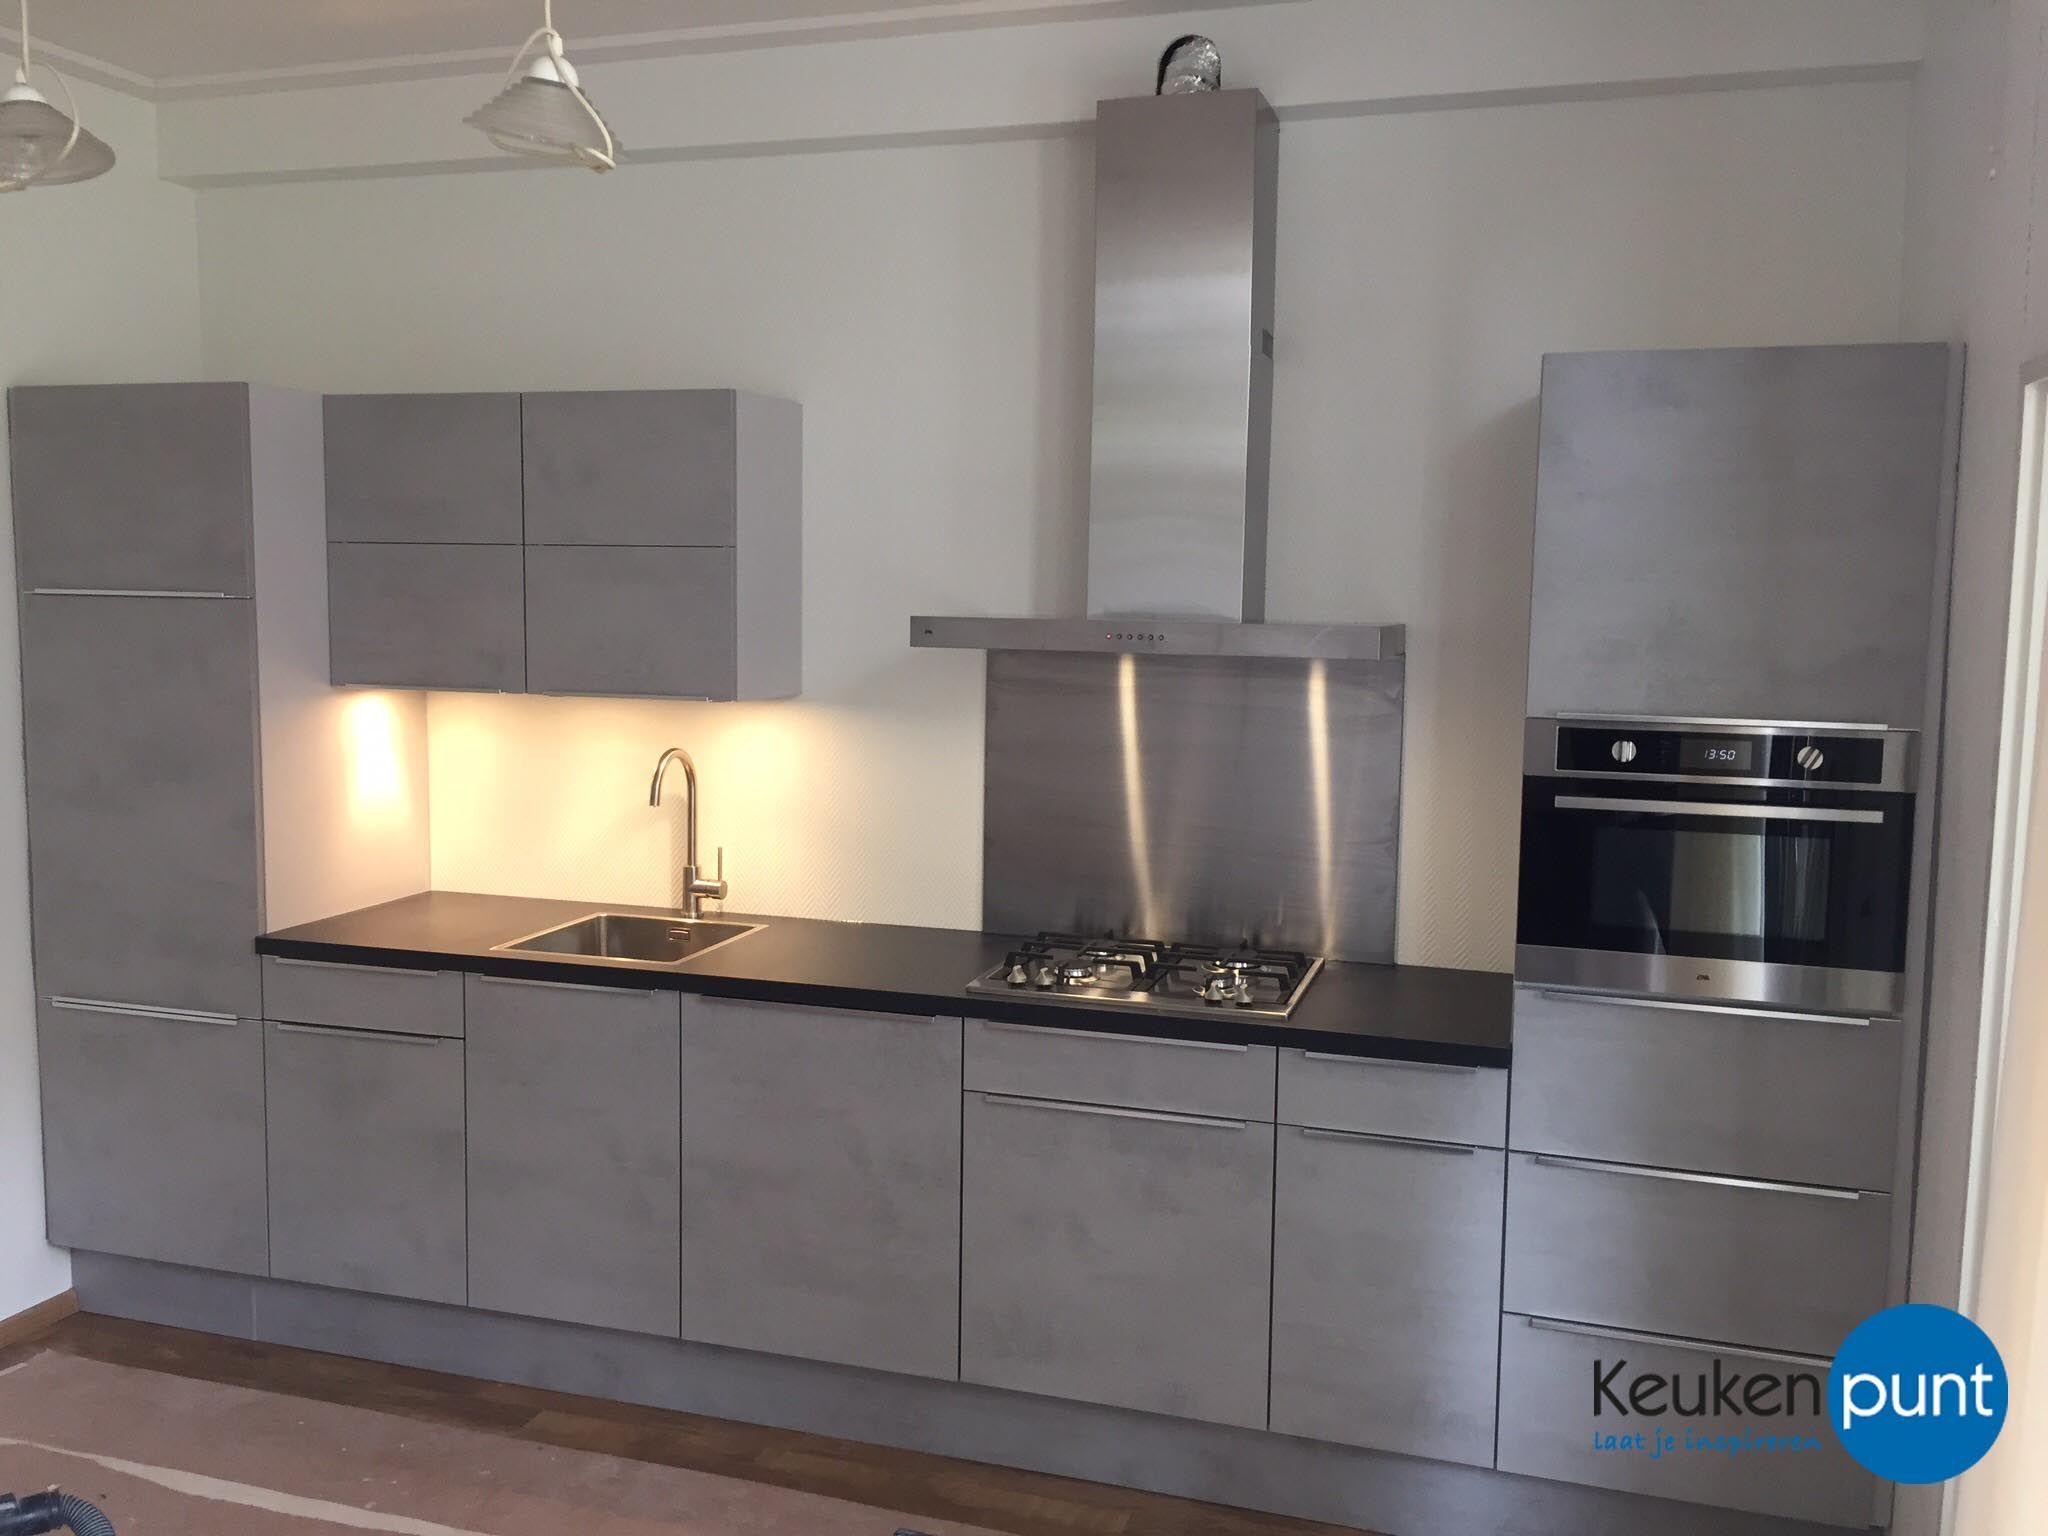 Hele mooie lichtgrijze keuken. rechte opstelling en industriële look